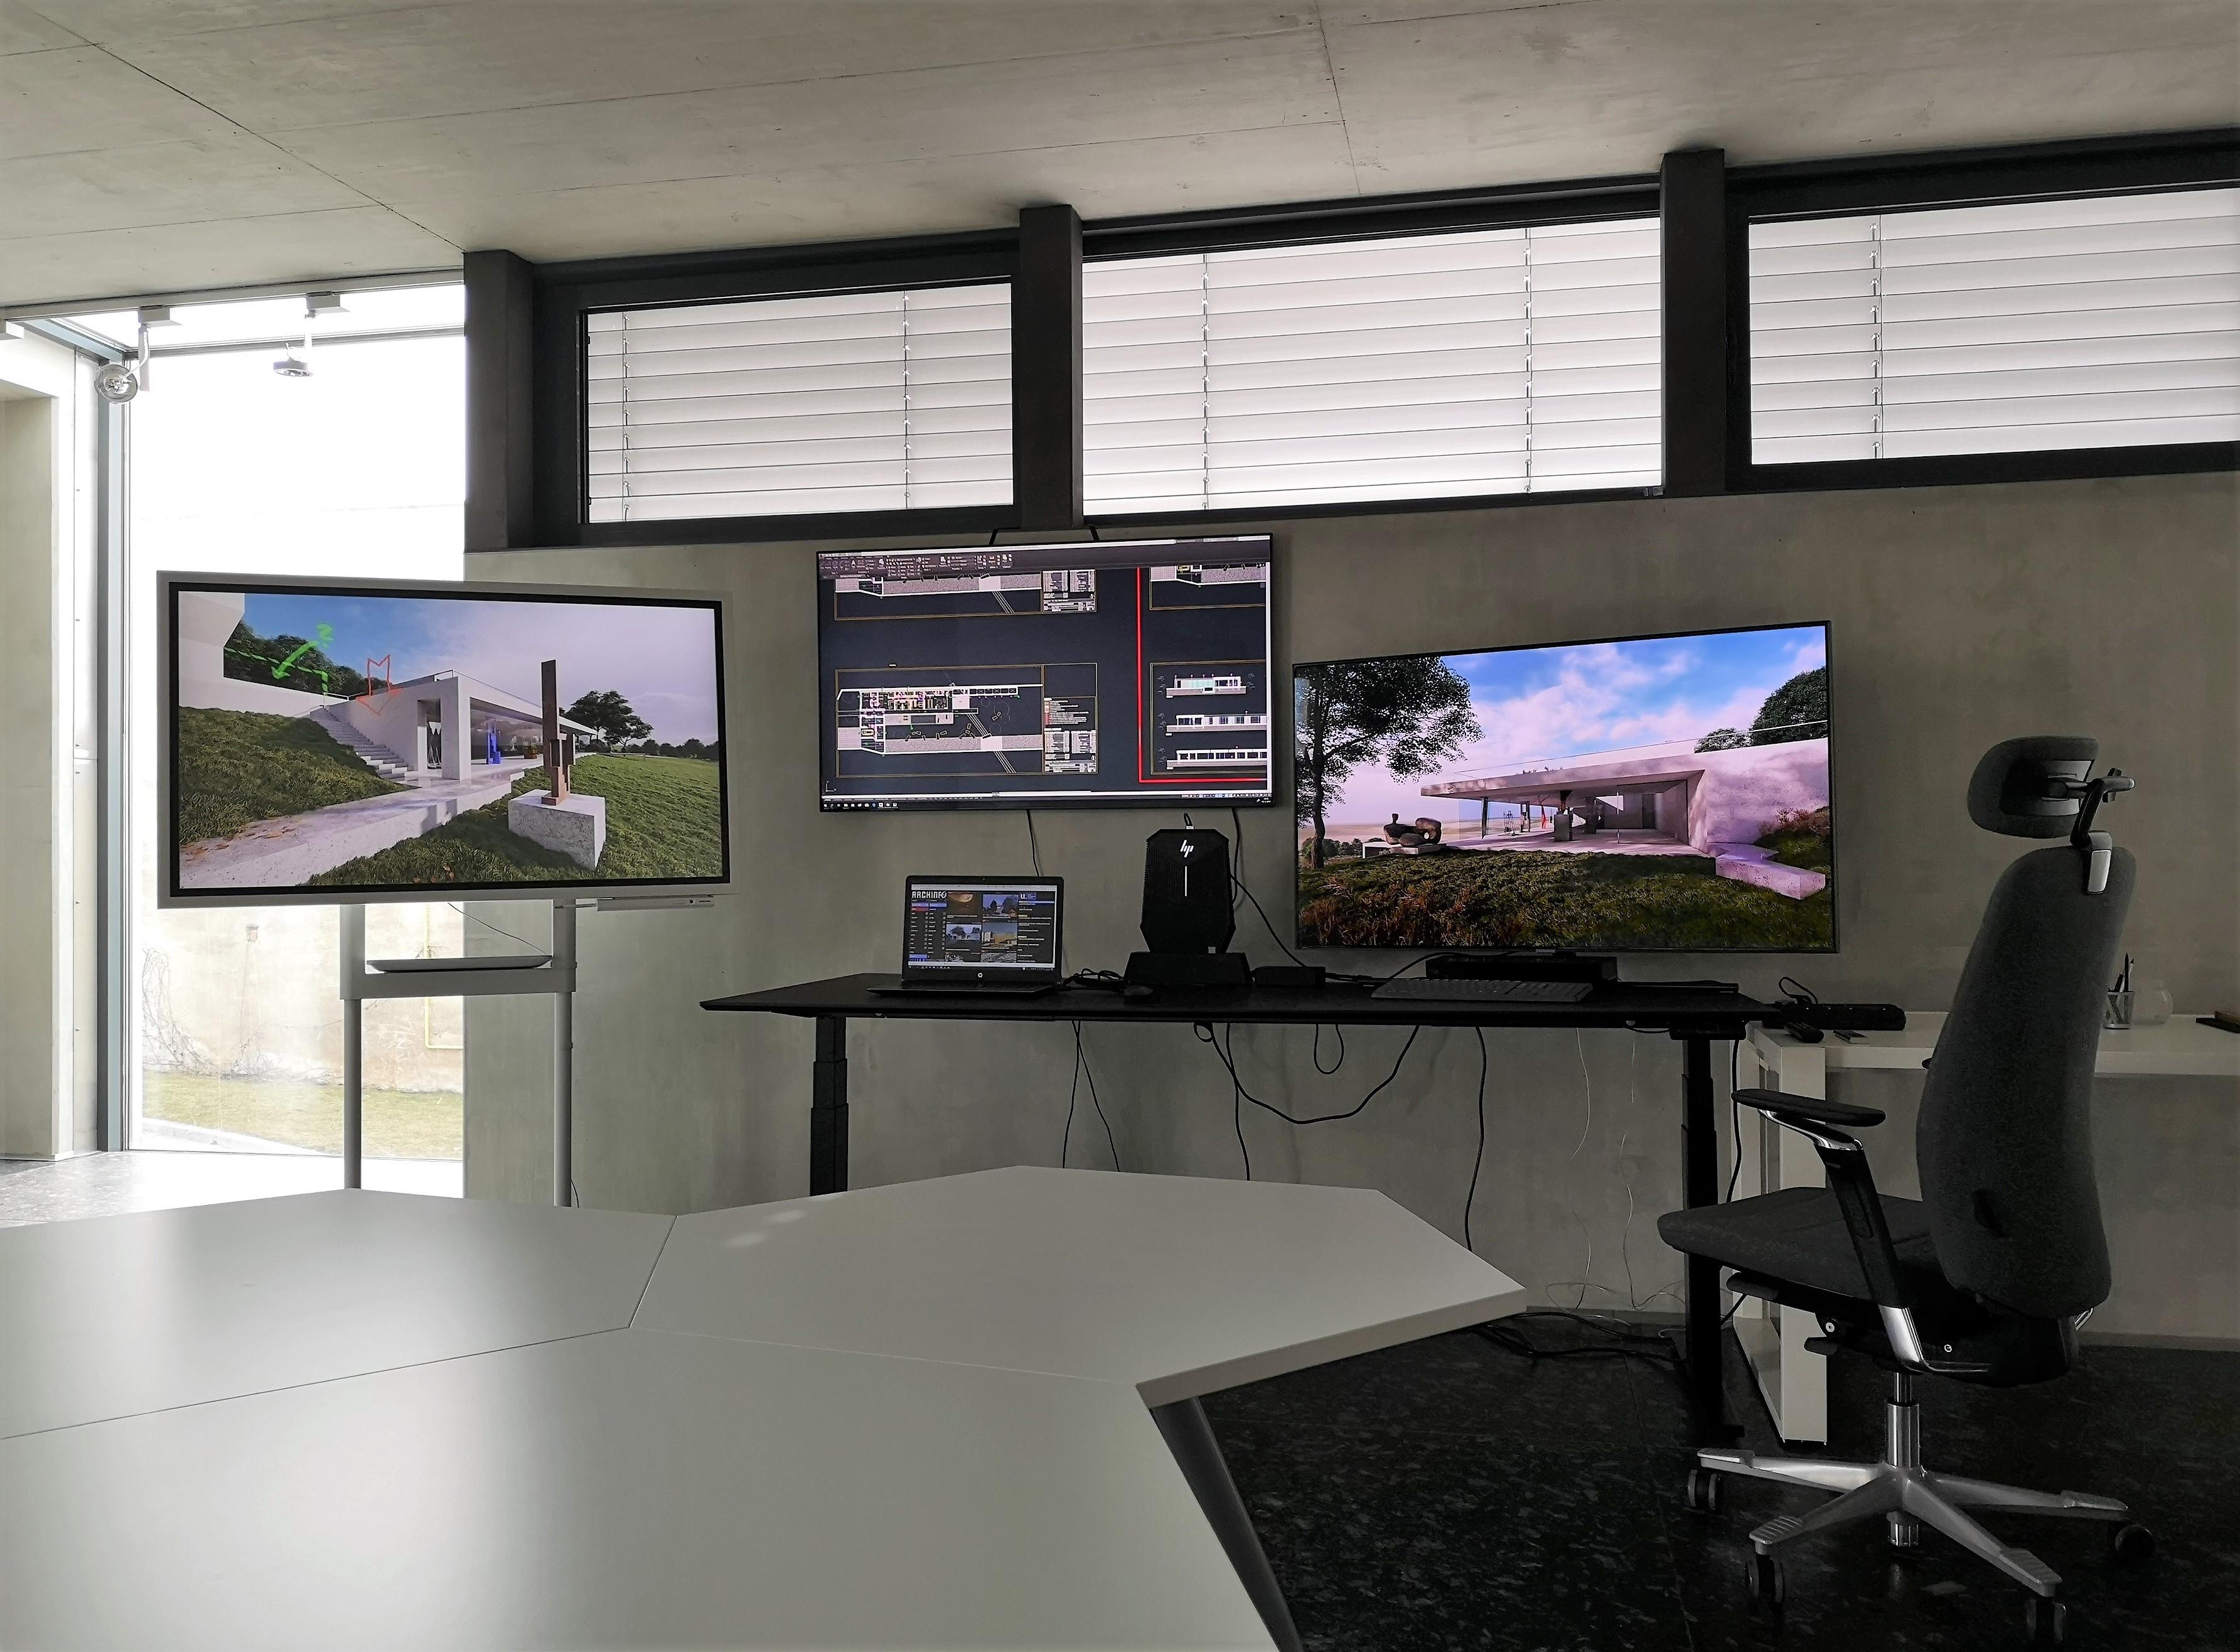 36ab807d9 #samsung, #monitory, #4k, #uhd, #qled, #tv, #televízor, #pracovisko  architekta, #test, #testovanie, #